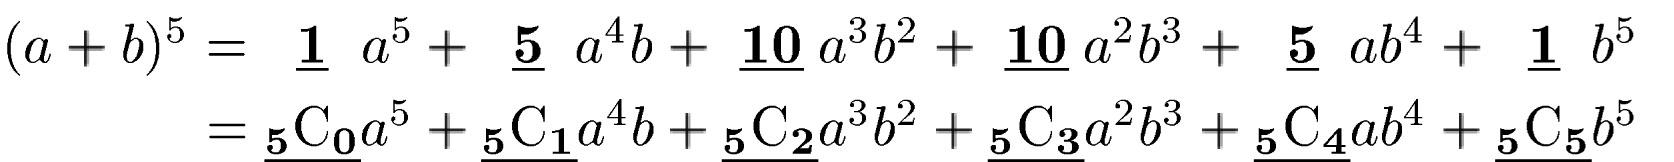 つまり,例えば(a+b)の5乗であれば,下の図のような関係になっているということです。